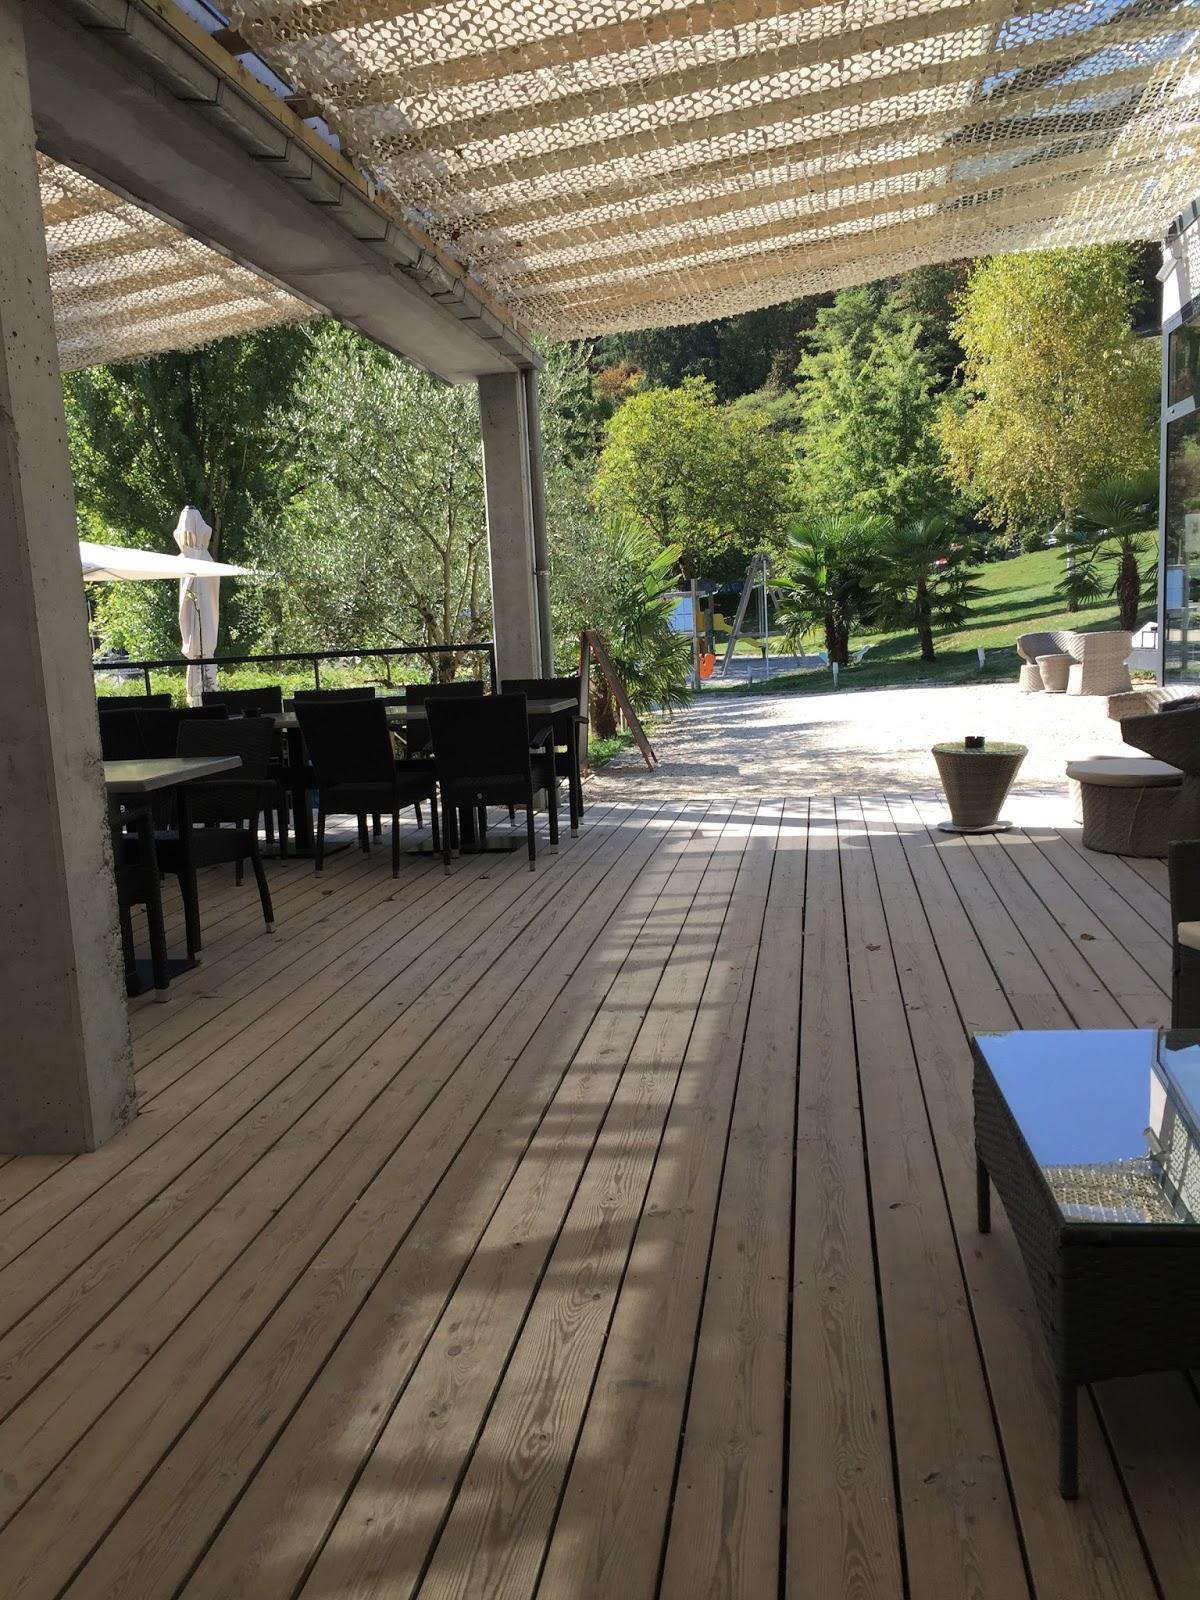 L 39 aix les bains de sophie lac restaurant ch tillon - Restaurant la folie des grandeurs aix les bains ...